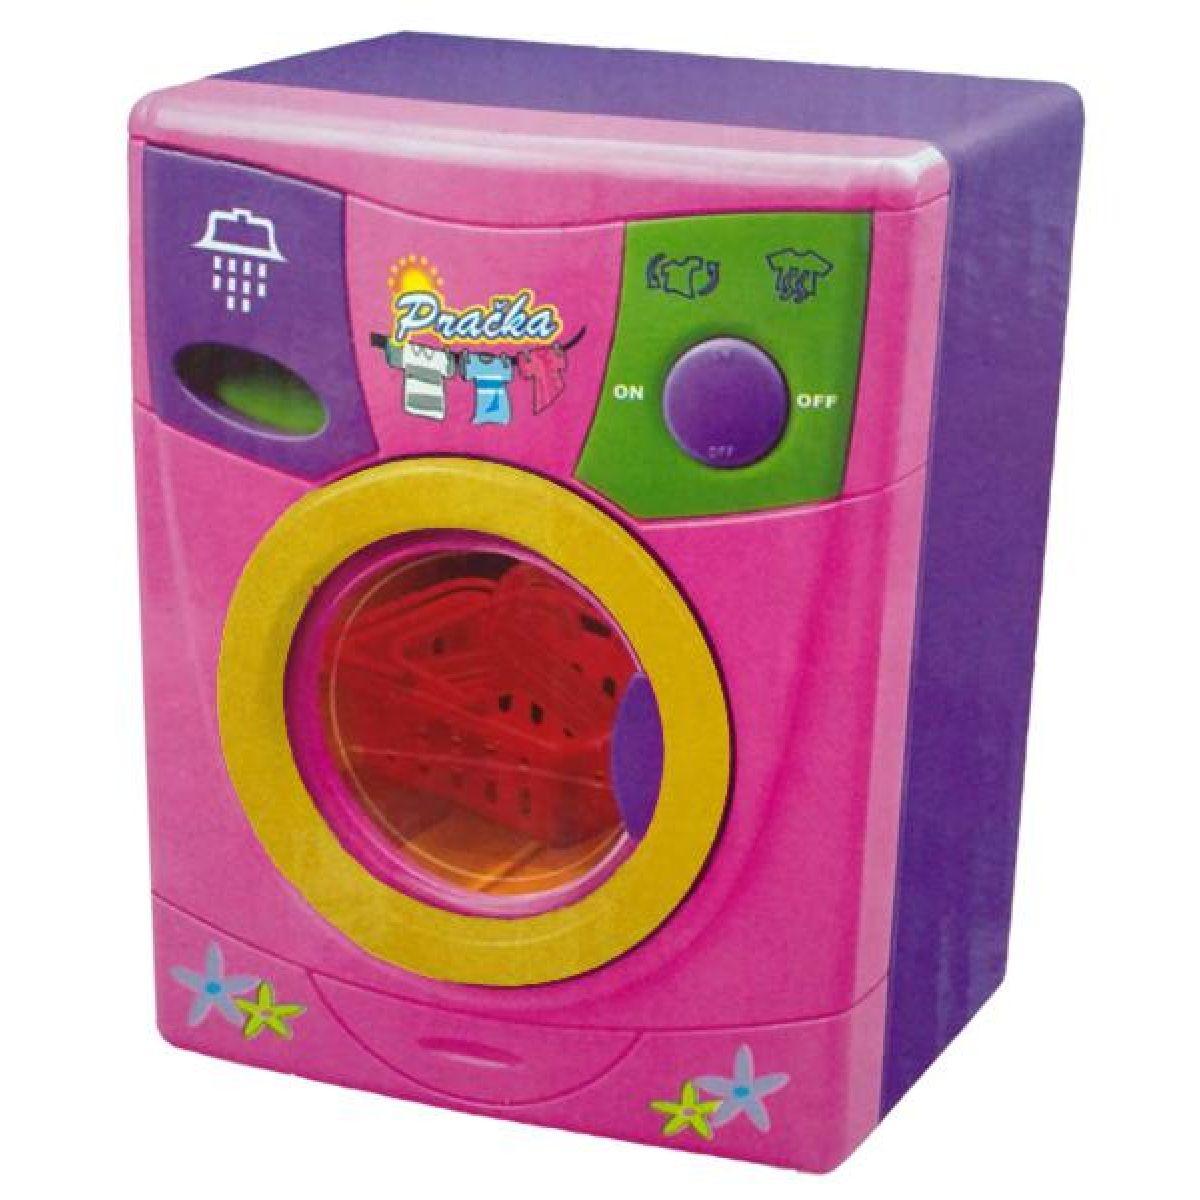 Dromader Pračka na baterie - Růžová